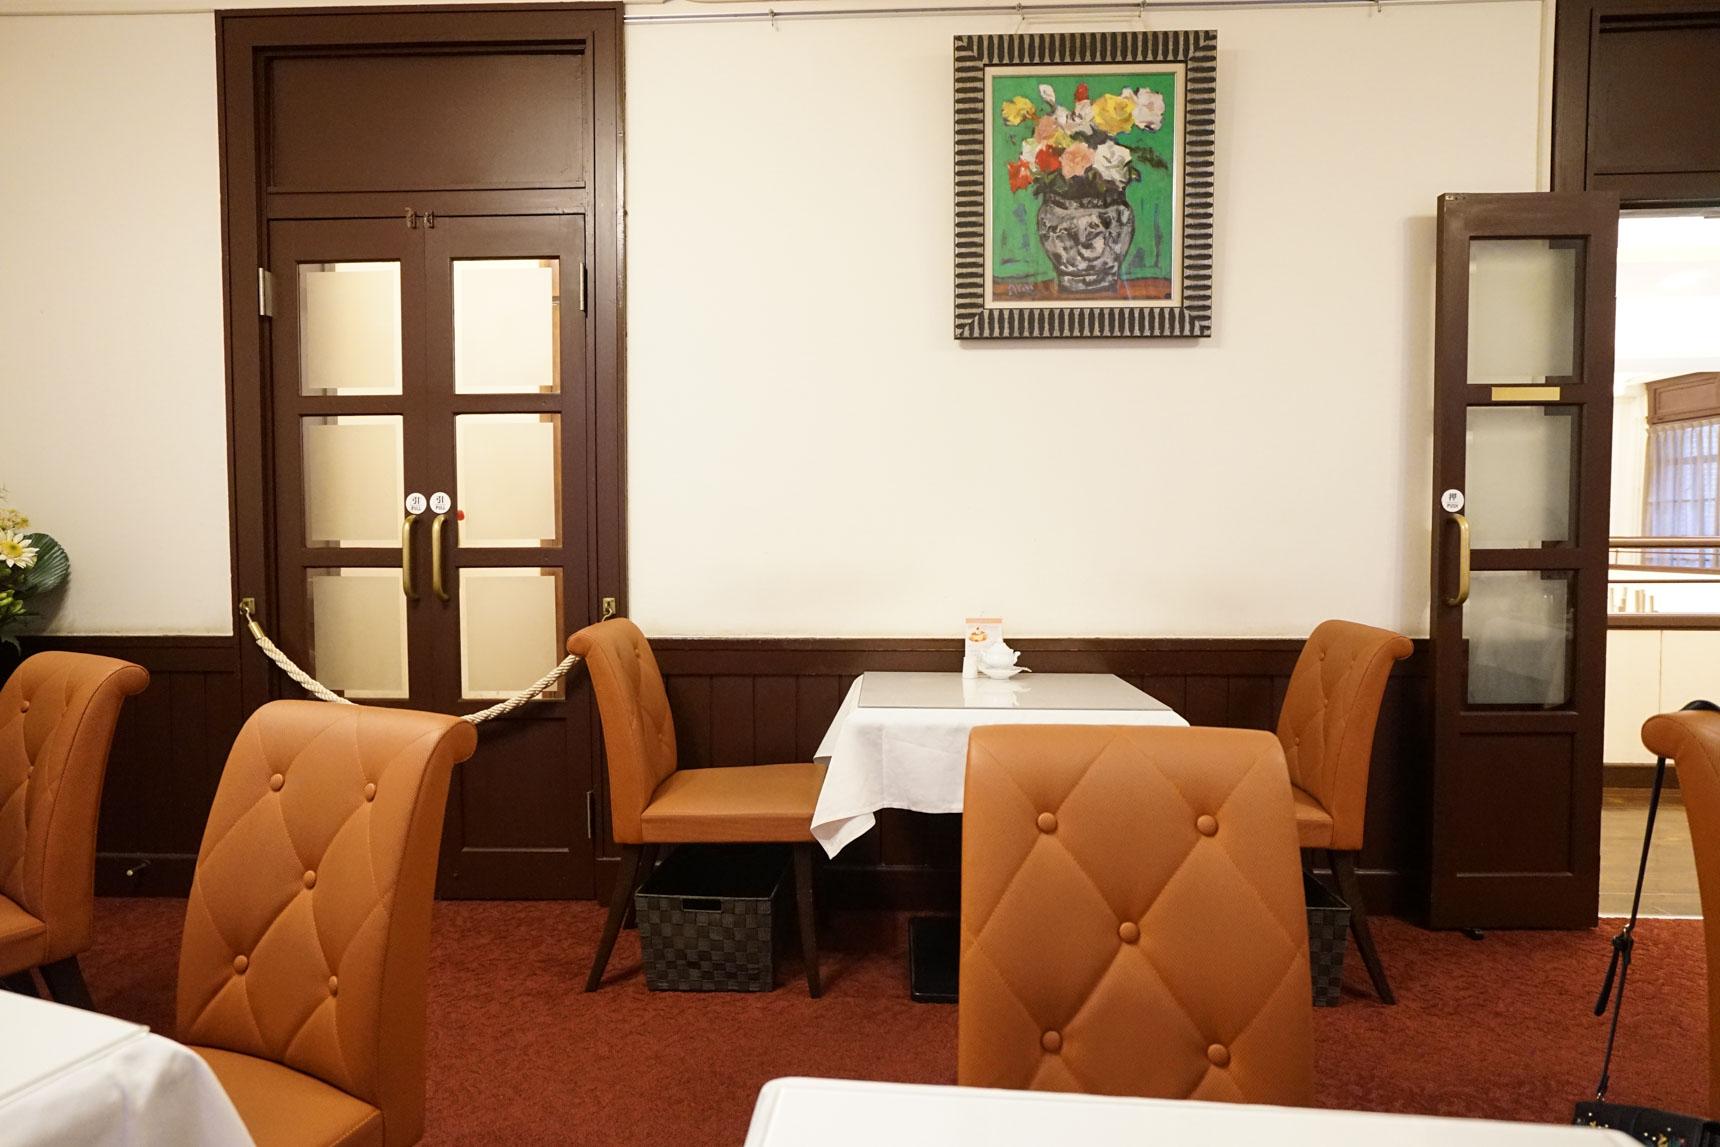 2階には、ロビーを囲むようにしていくつかの応接間のような個室があり、宮殿に招かれたお客さんの気分で、美味しいスイーツをいただけます。